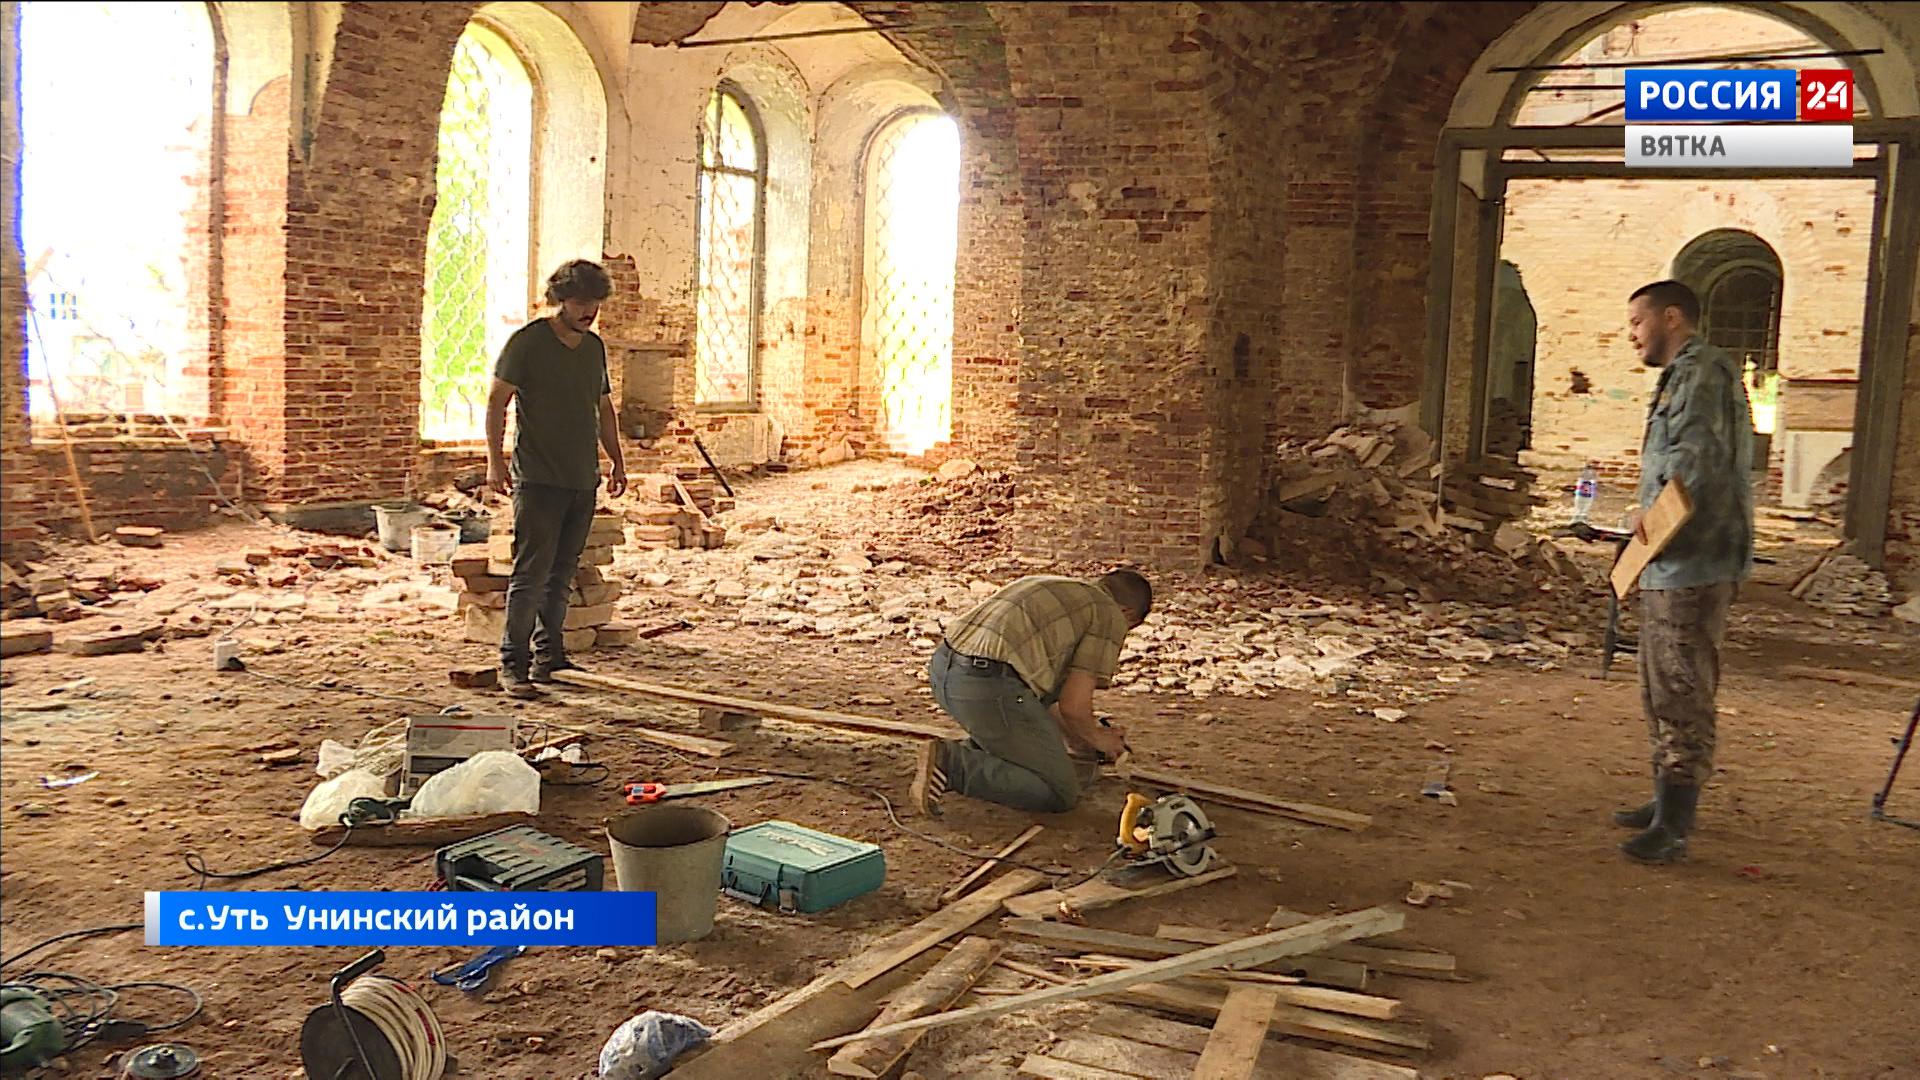 Волонтеры из Удмуртии восстанавливают храм в Унинском районе